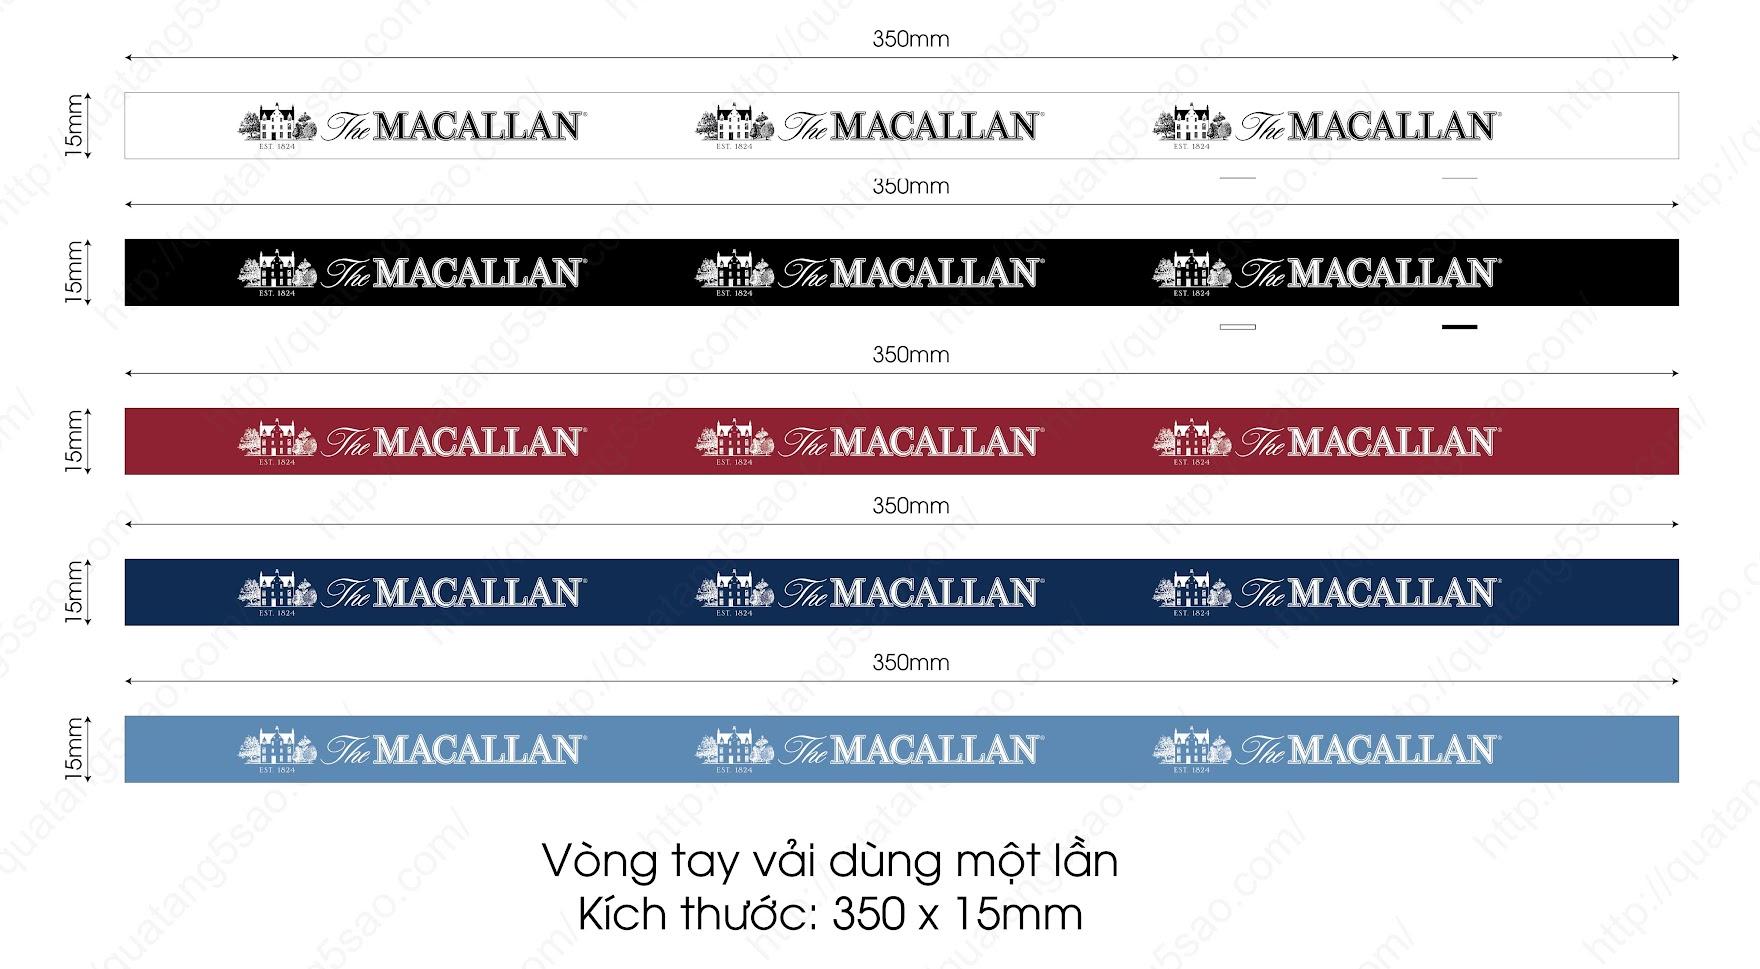 Vòng tay vải sự kiện của hãng rượu Macallan - File thiết kế